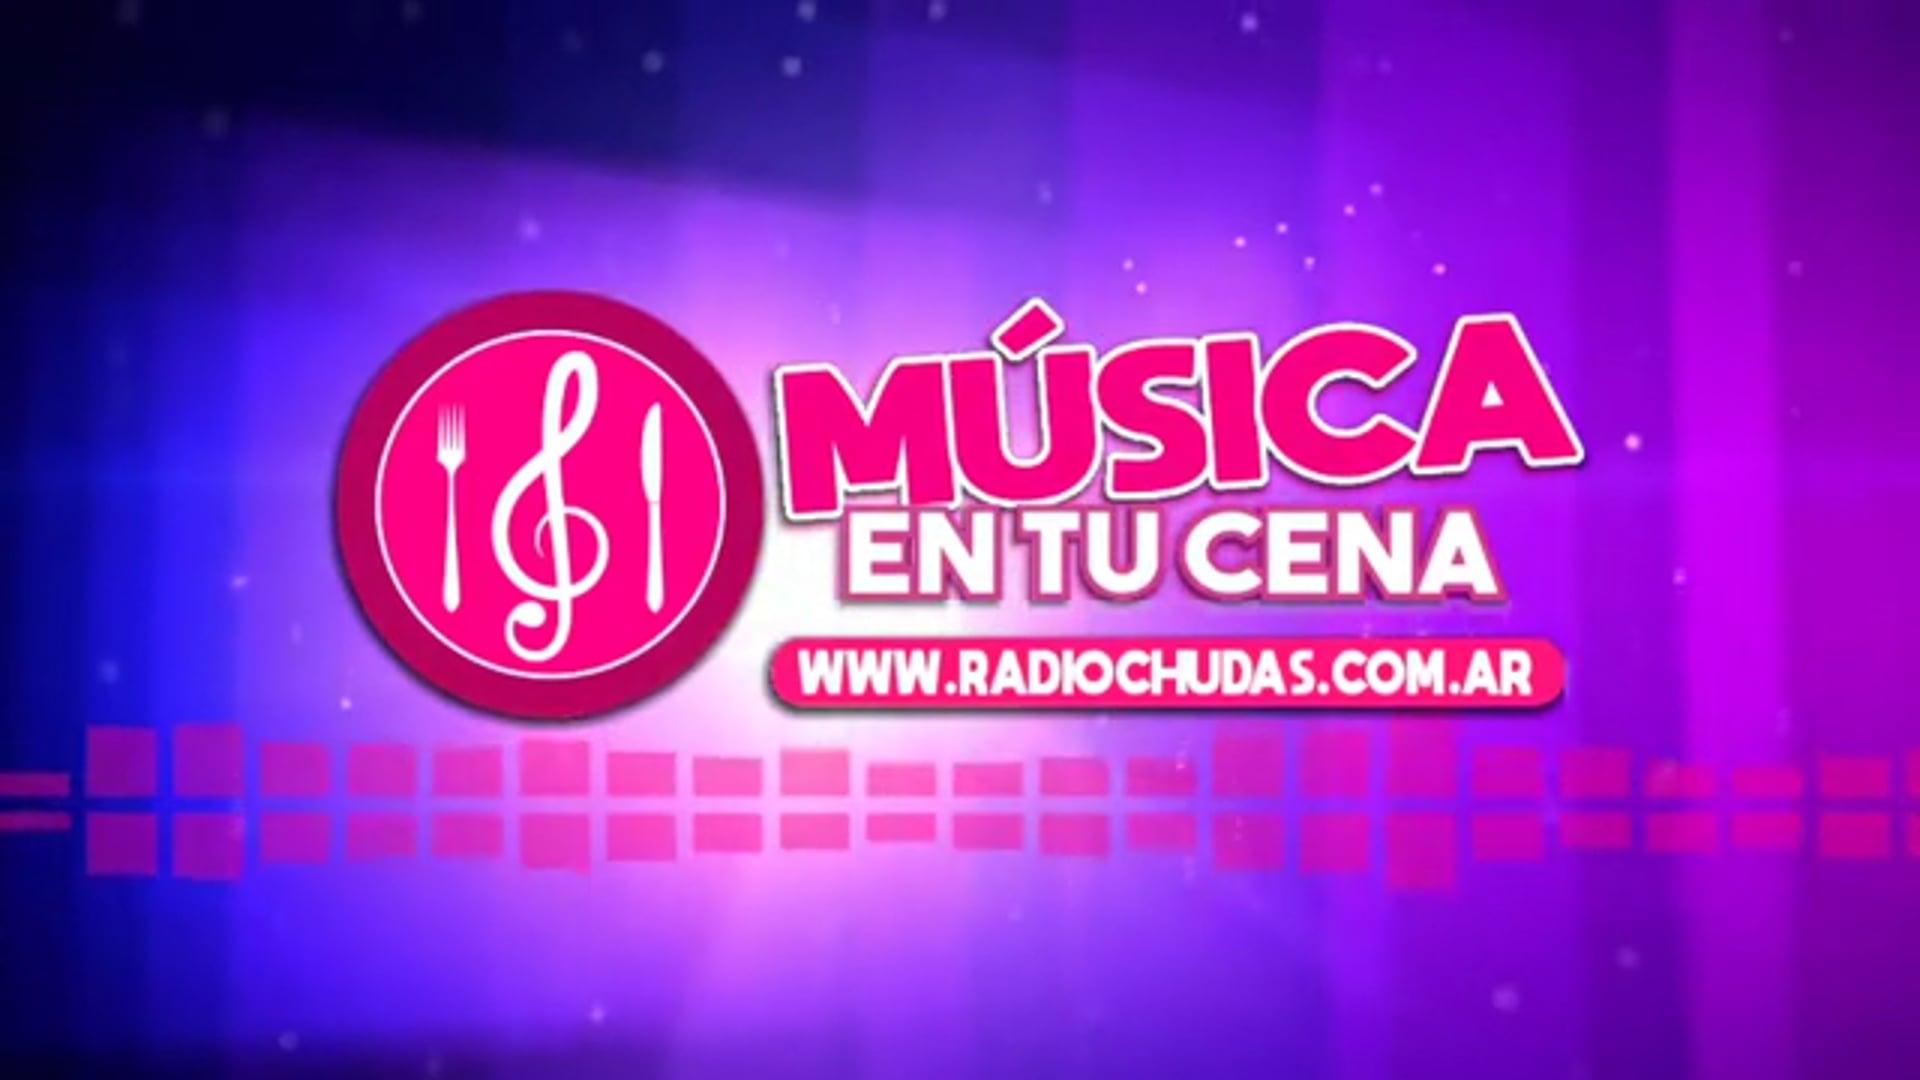 Musica en tu Cena 01-09-2020